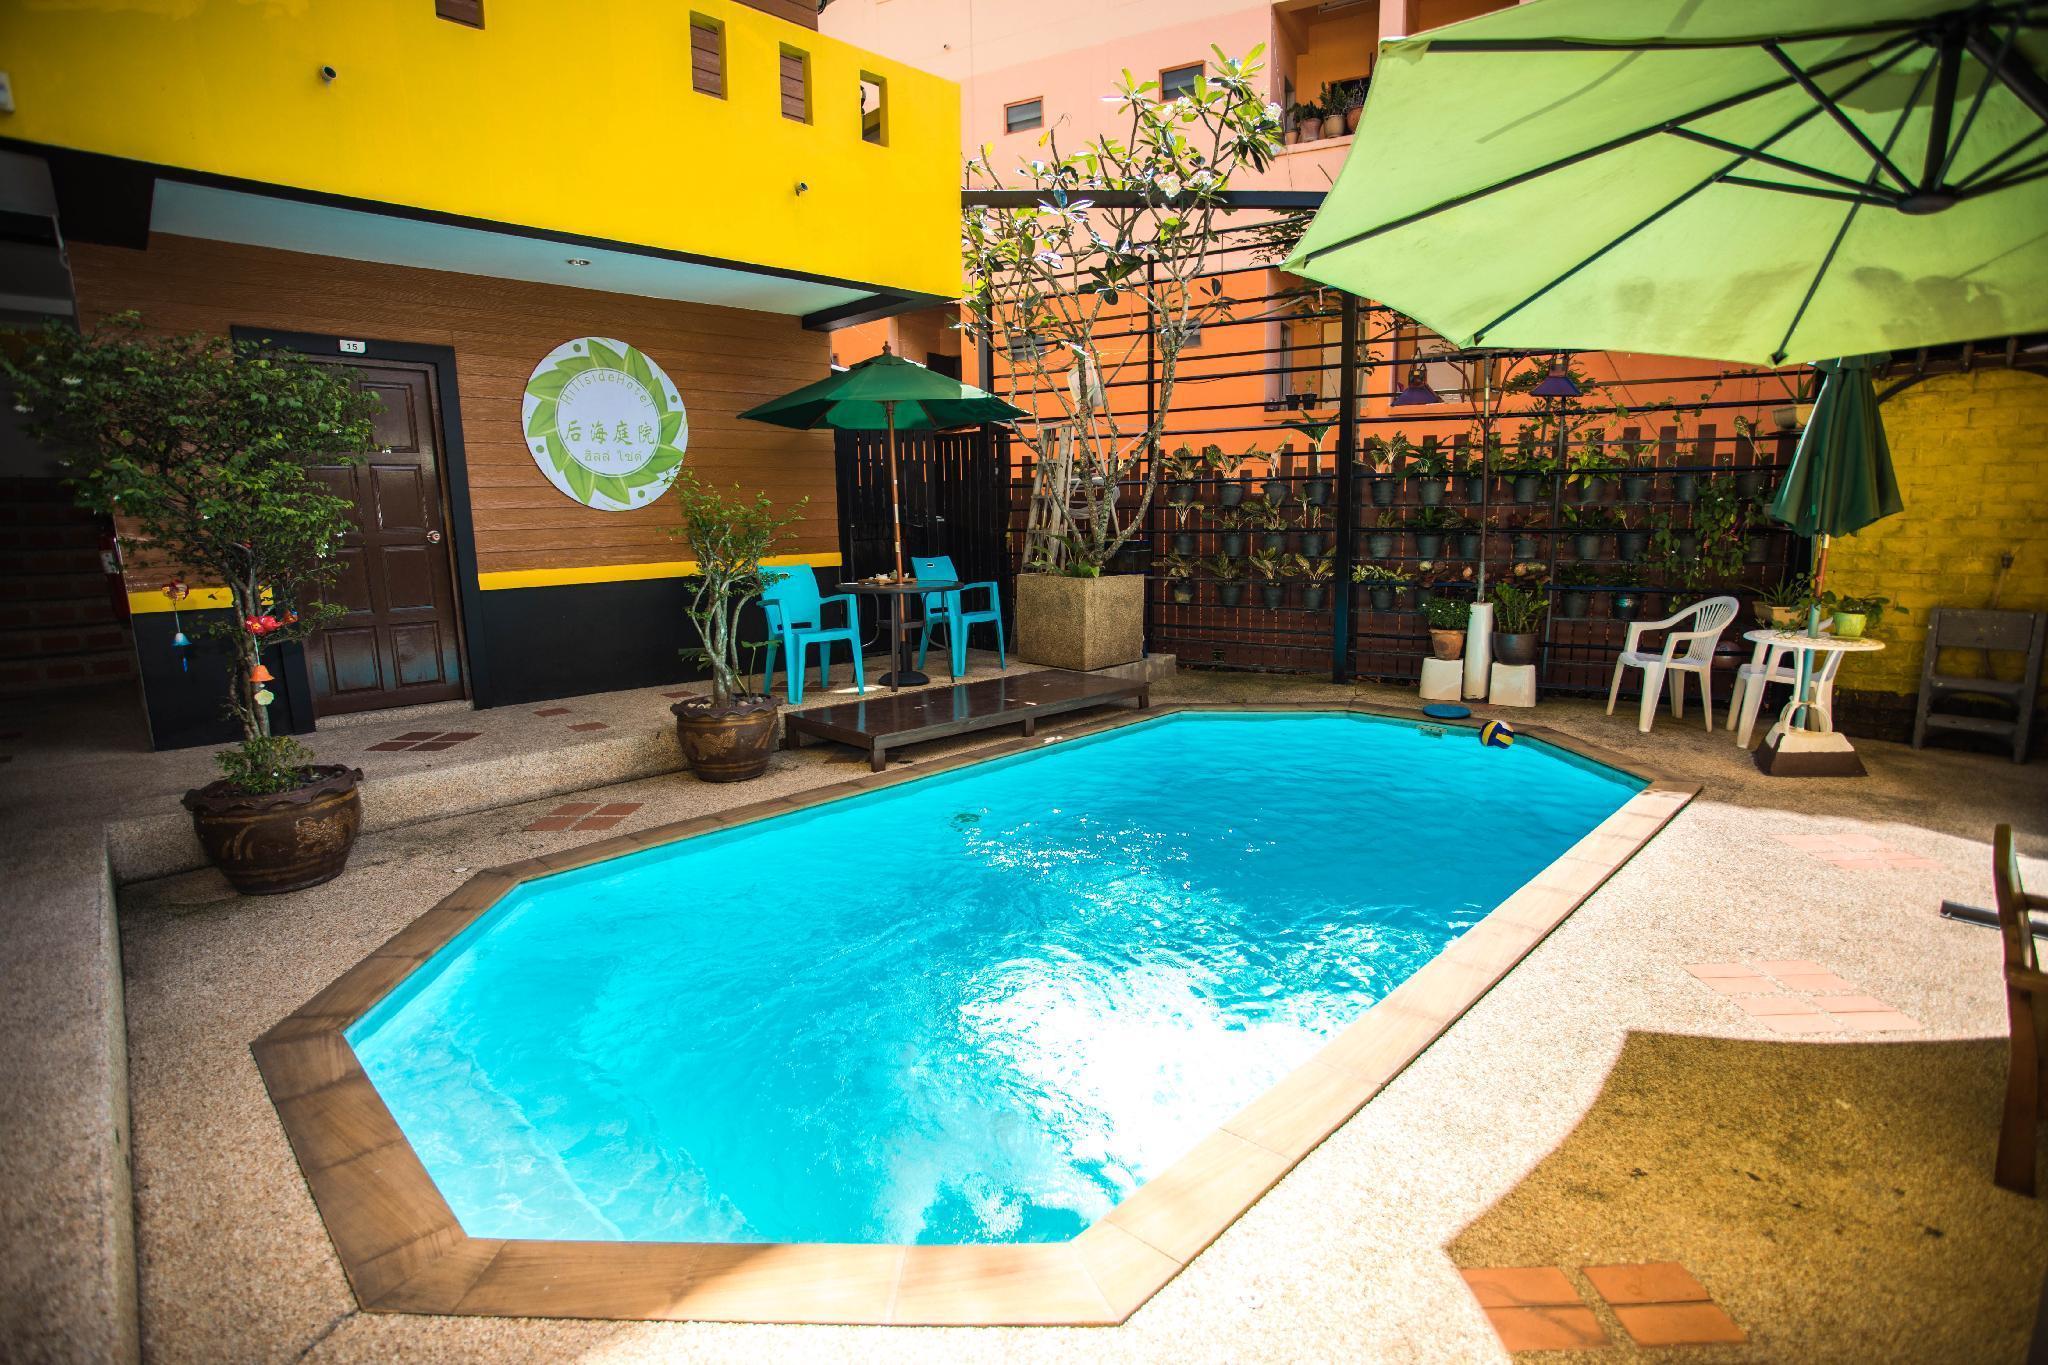 31PatongNICE big-bed room for 2 with swimming pool อพาร์ตเมนต์ 1 ห้องนอน 1 ห้องน้ำส่วนตัว ขนาด 32 ตร.ม. – ป่าตอง